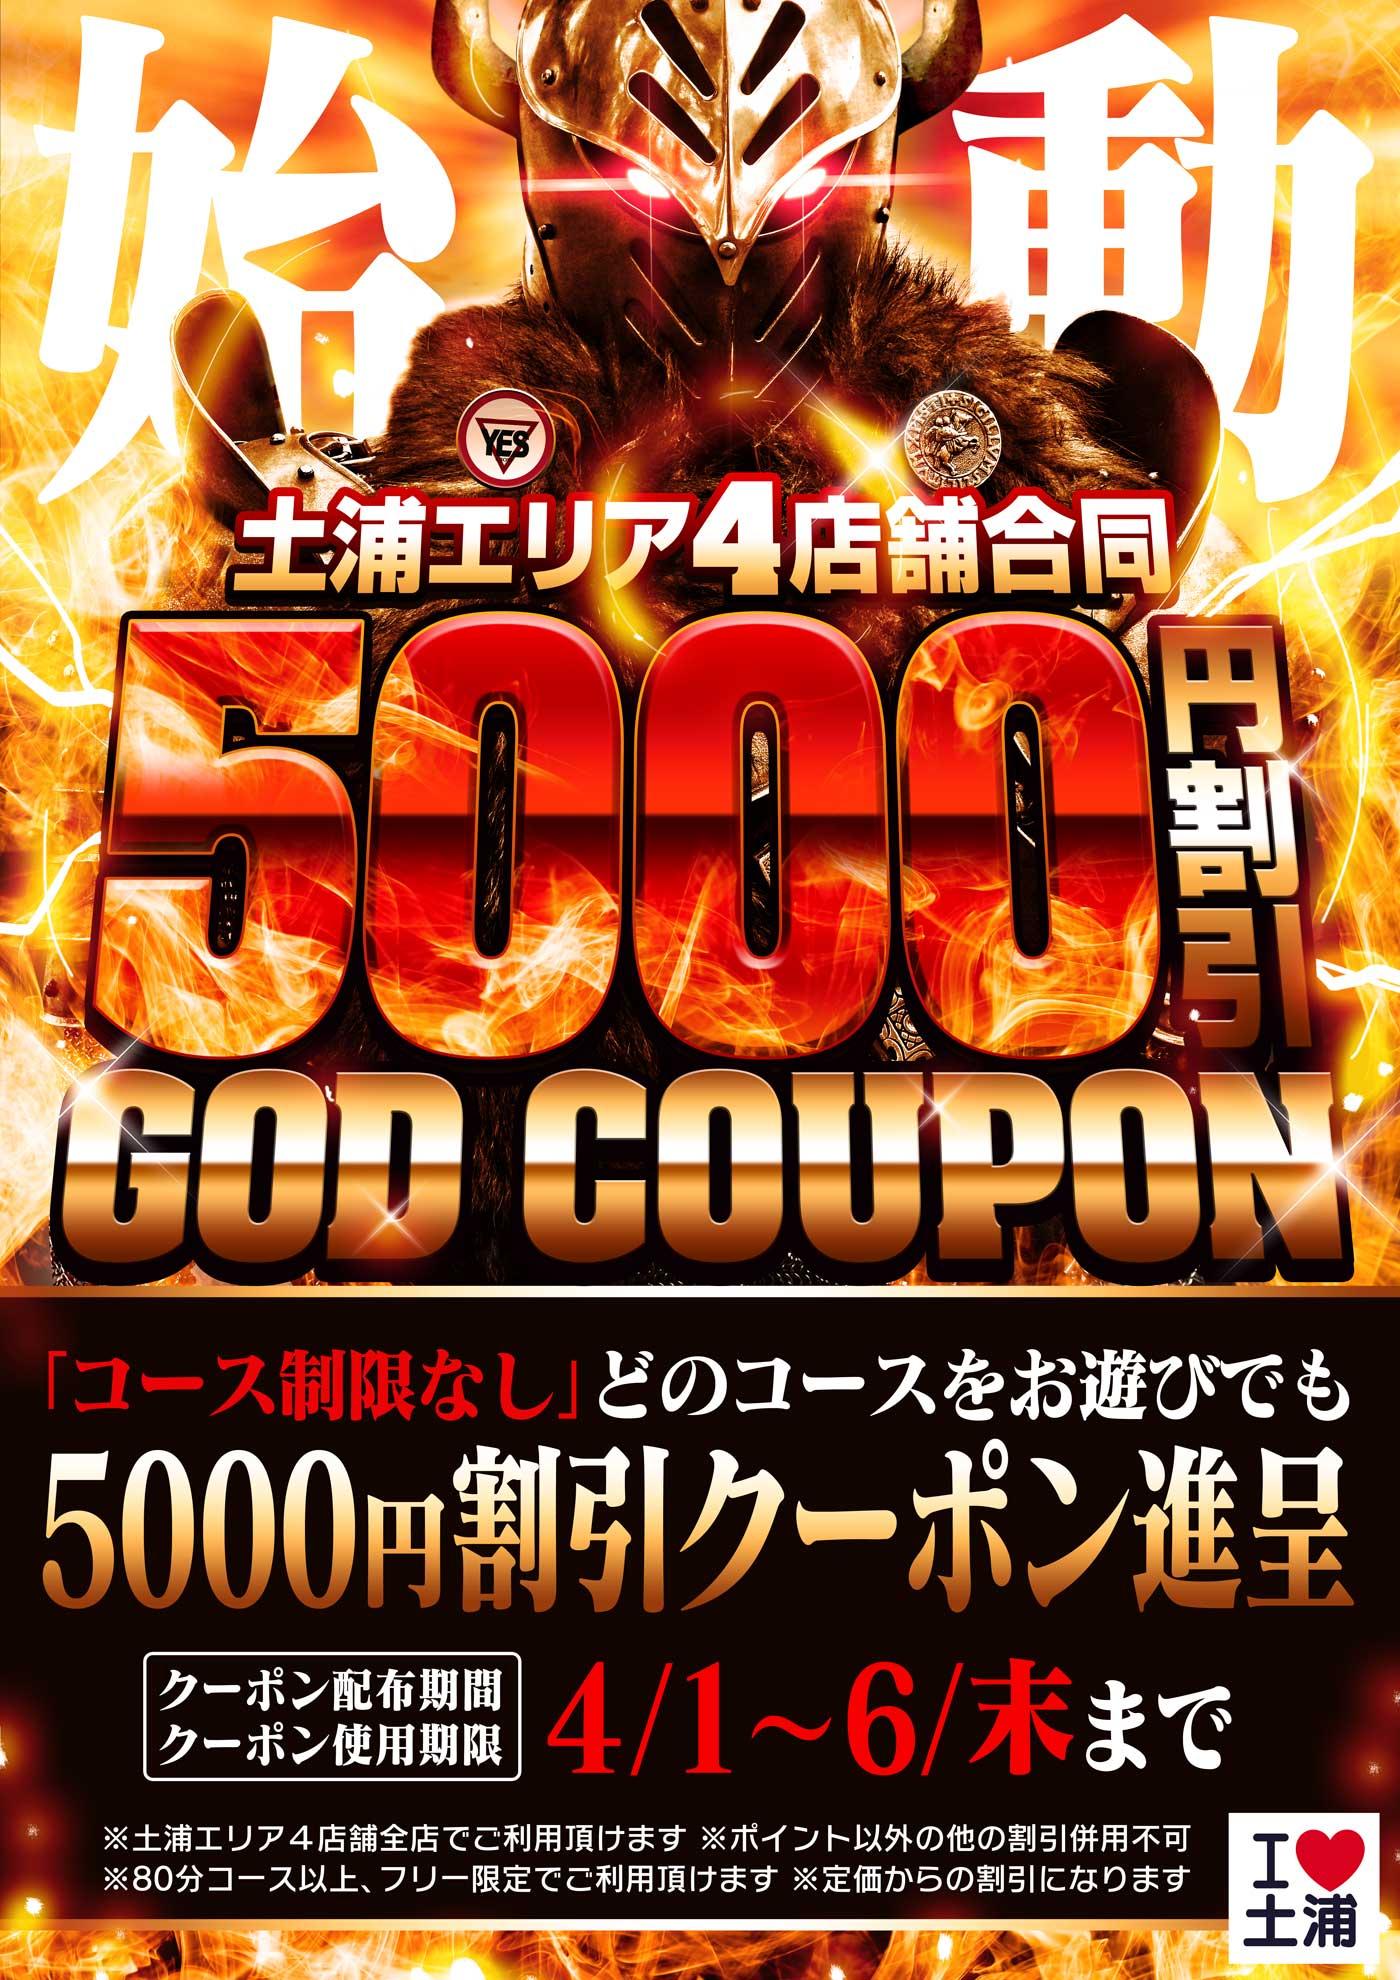 土浦4店舗合同★超お得!!GOD☆5,000円クーポン進呈★